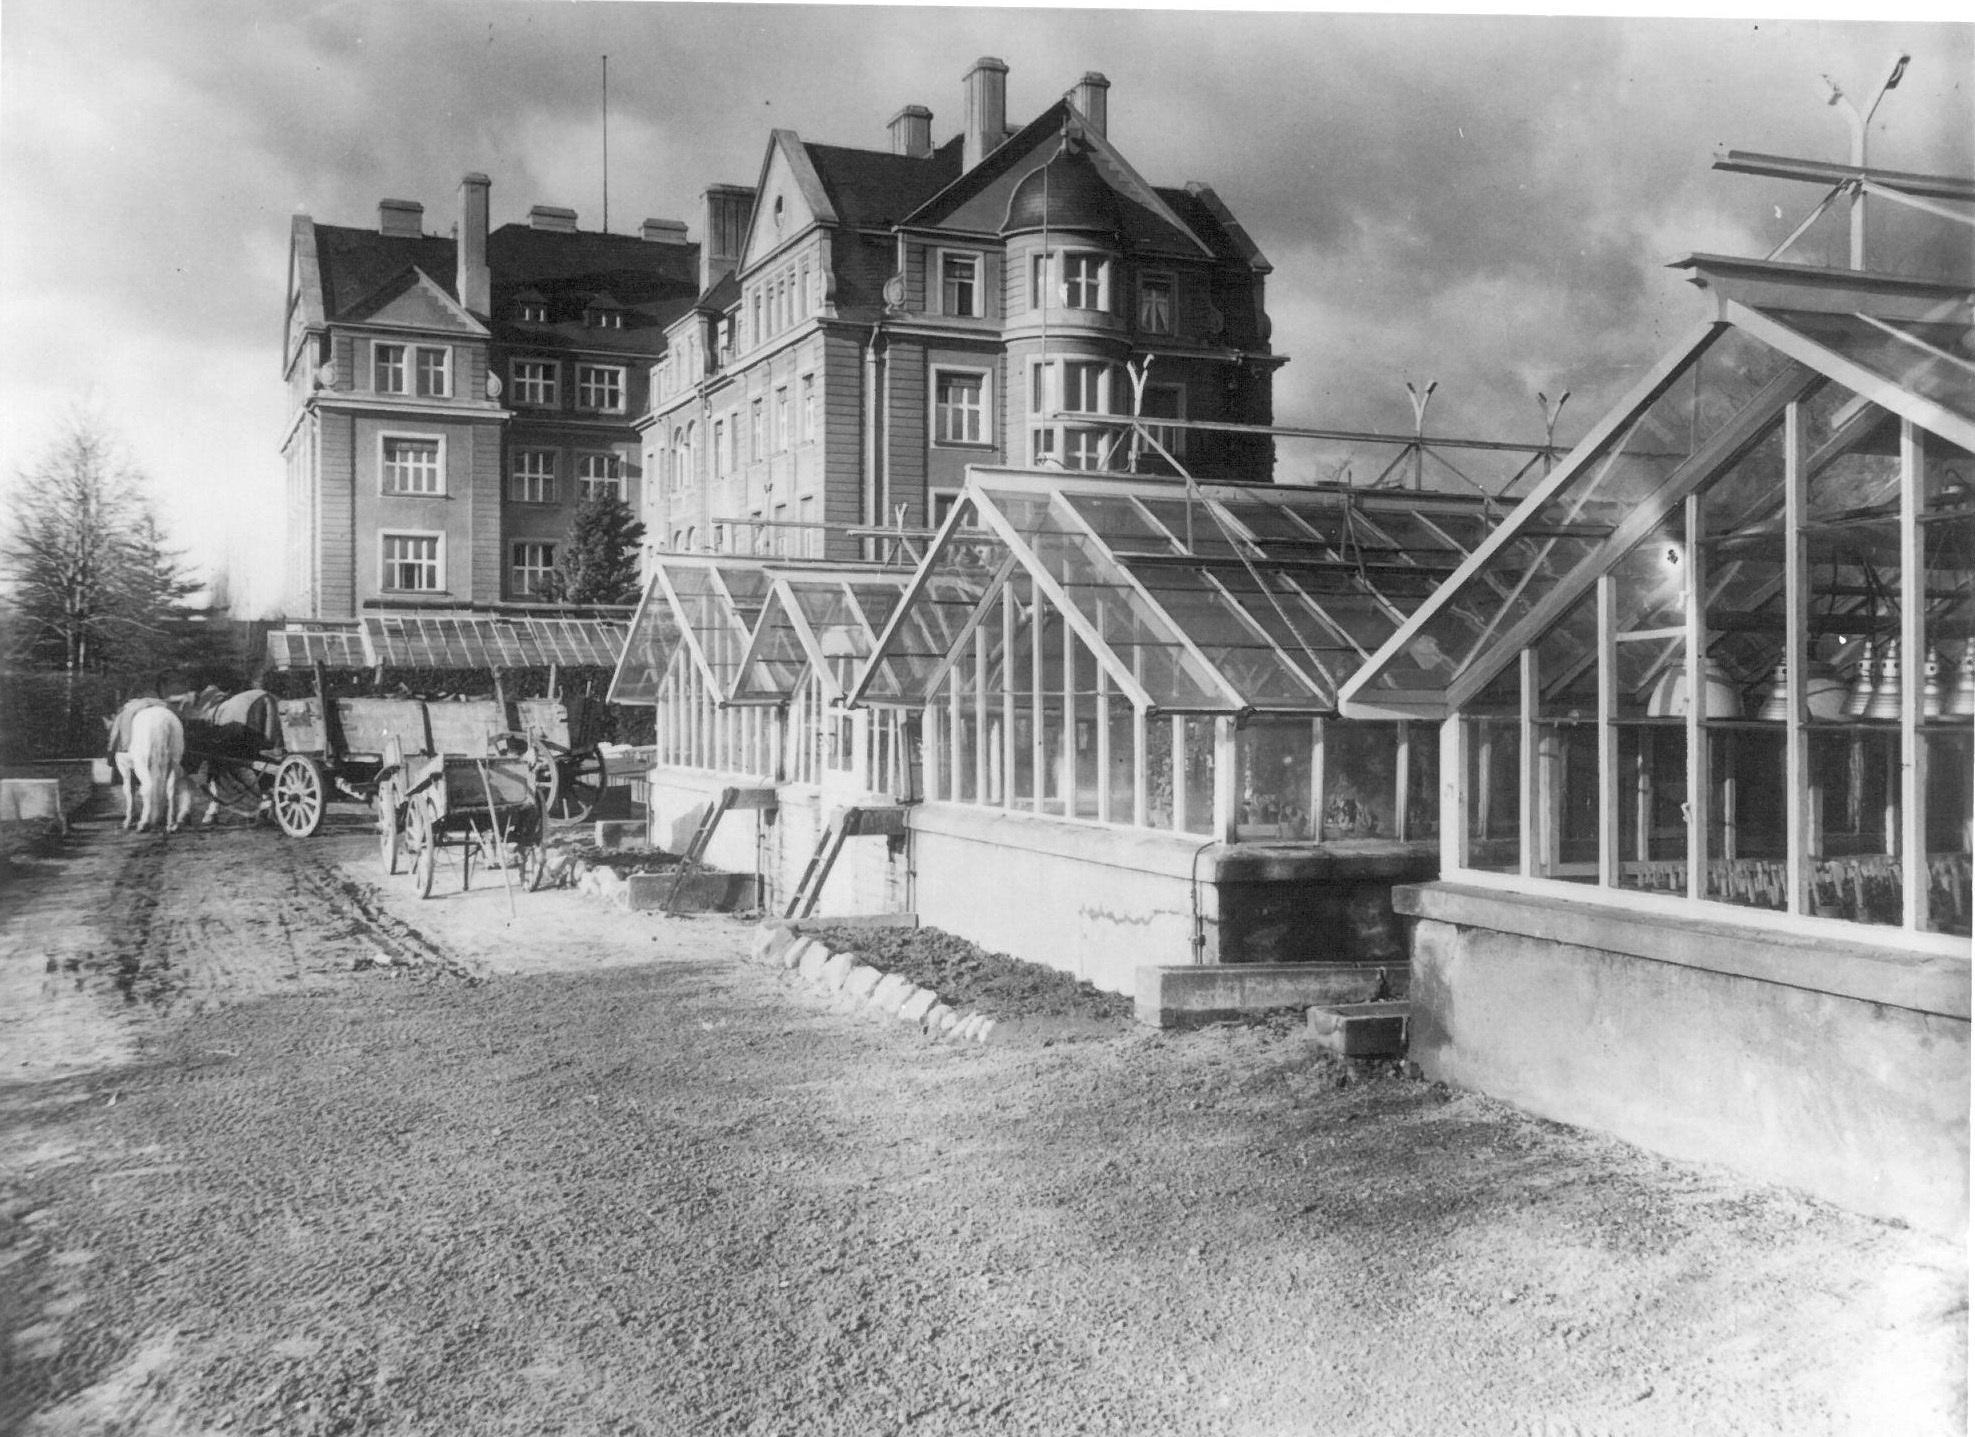 Fotografie vom Kaiser-Wilhelm-Institut für Biologie mit Gewächshäusern, 1930er-Jahre.